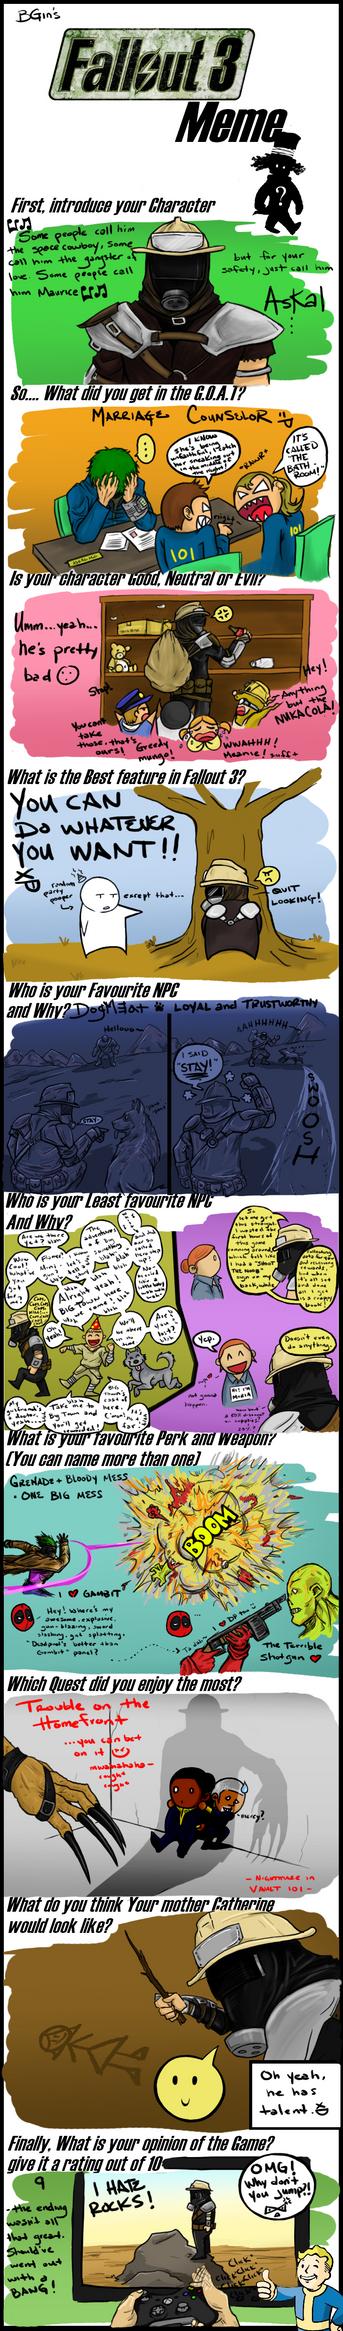 Fallout 3 Meme by BGin